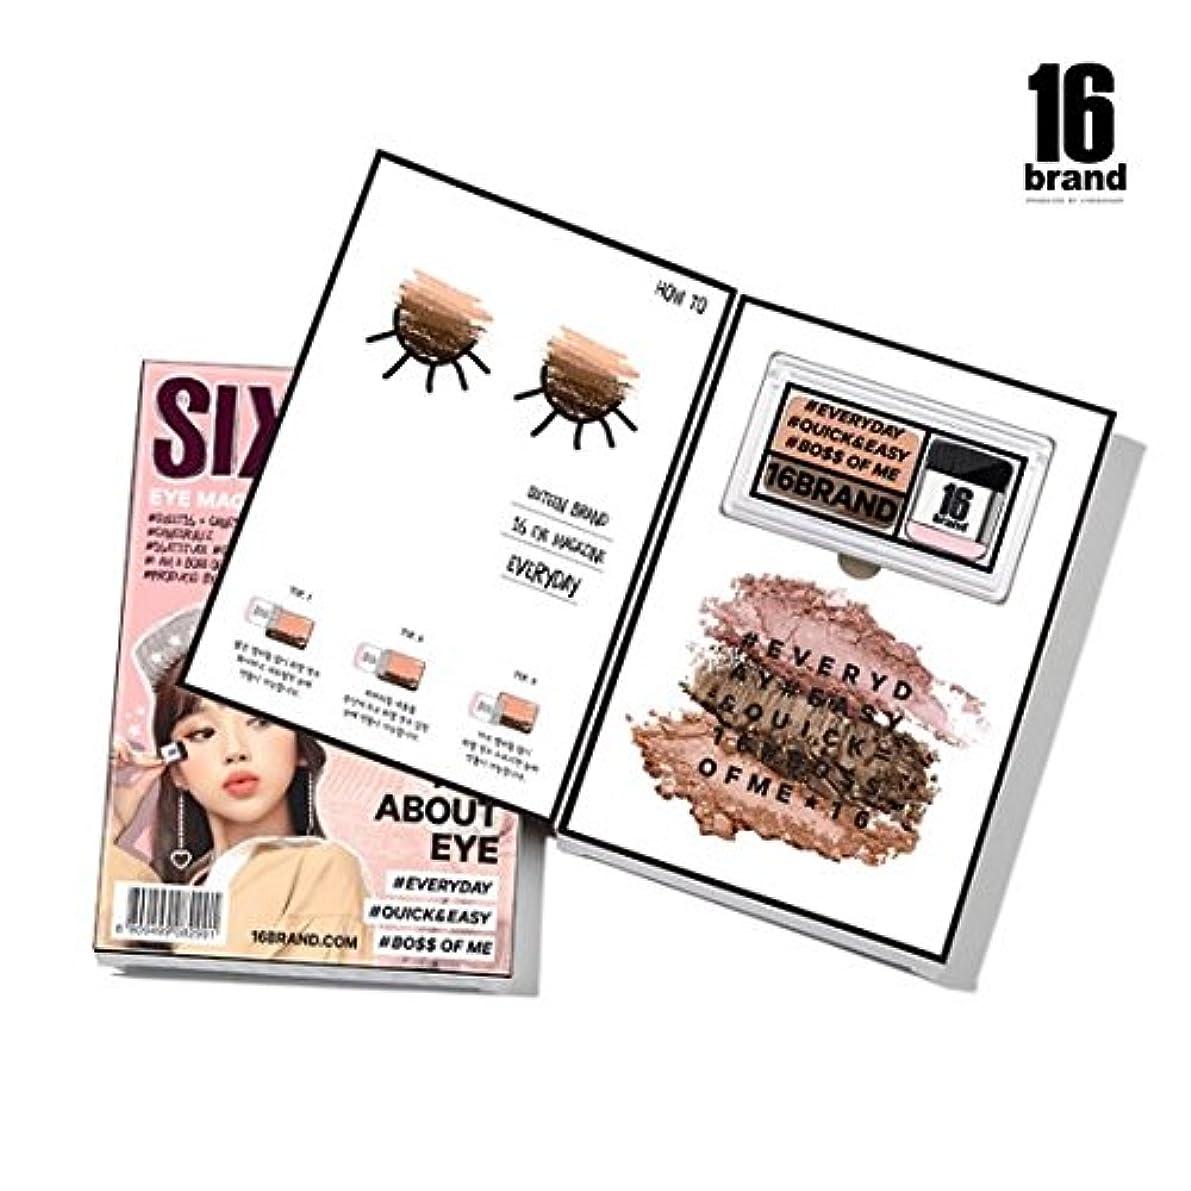 縮れた広大な小道16brand Sixteen Eye Magazine Everyday 2g/16ブランド シックスティーン アイ マガジン エブリデイ 2g [並行輸入品]